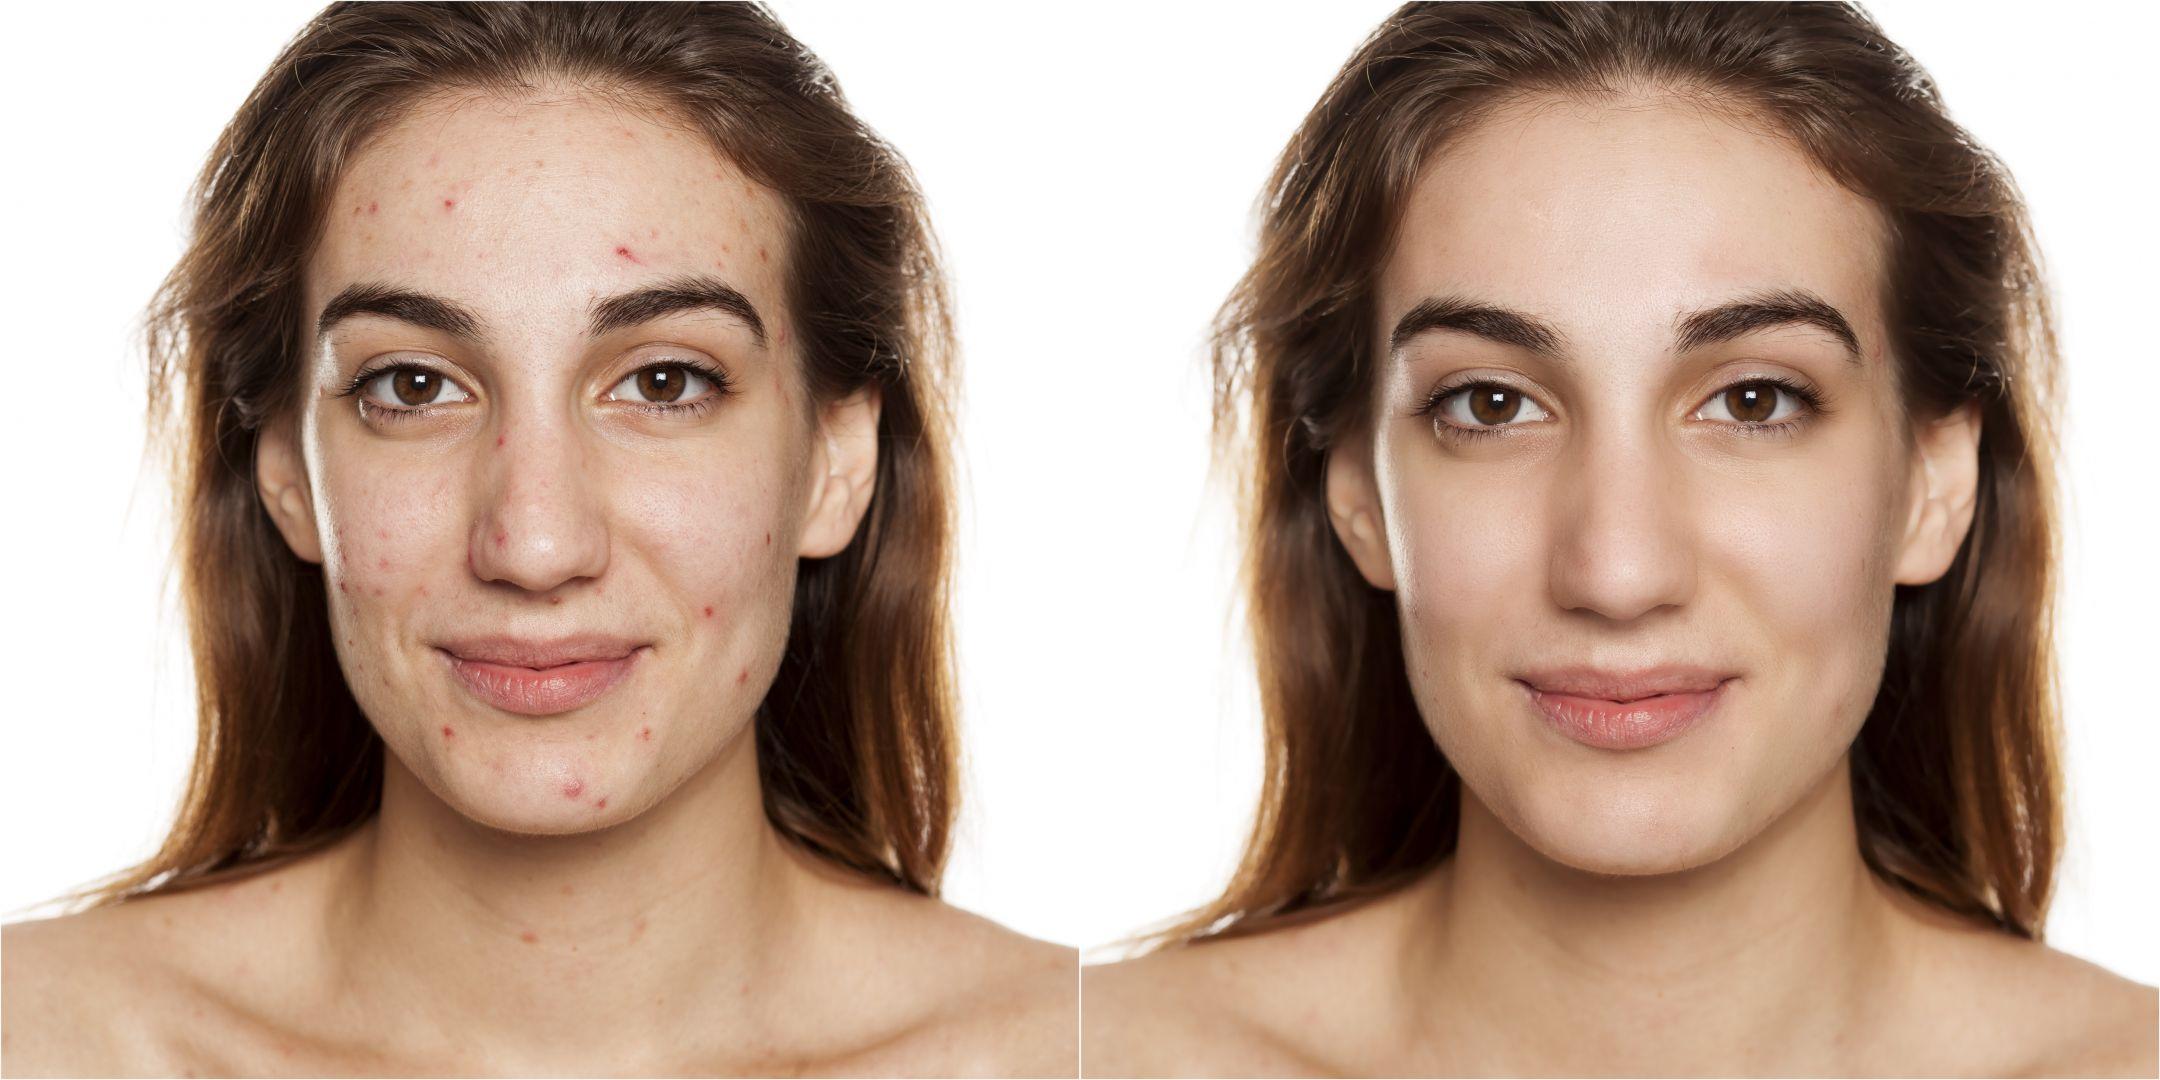 Skin Smoothing Filter